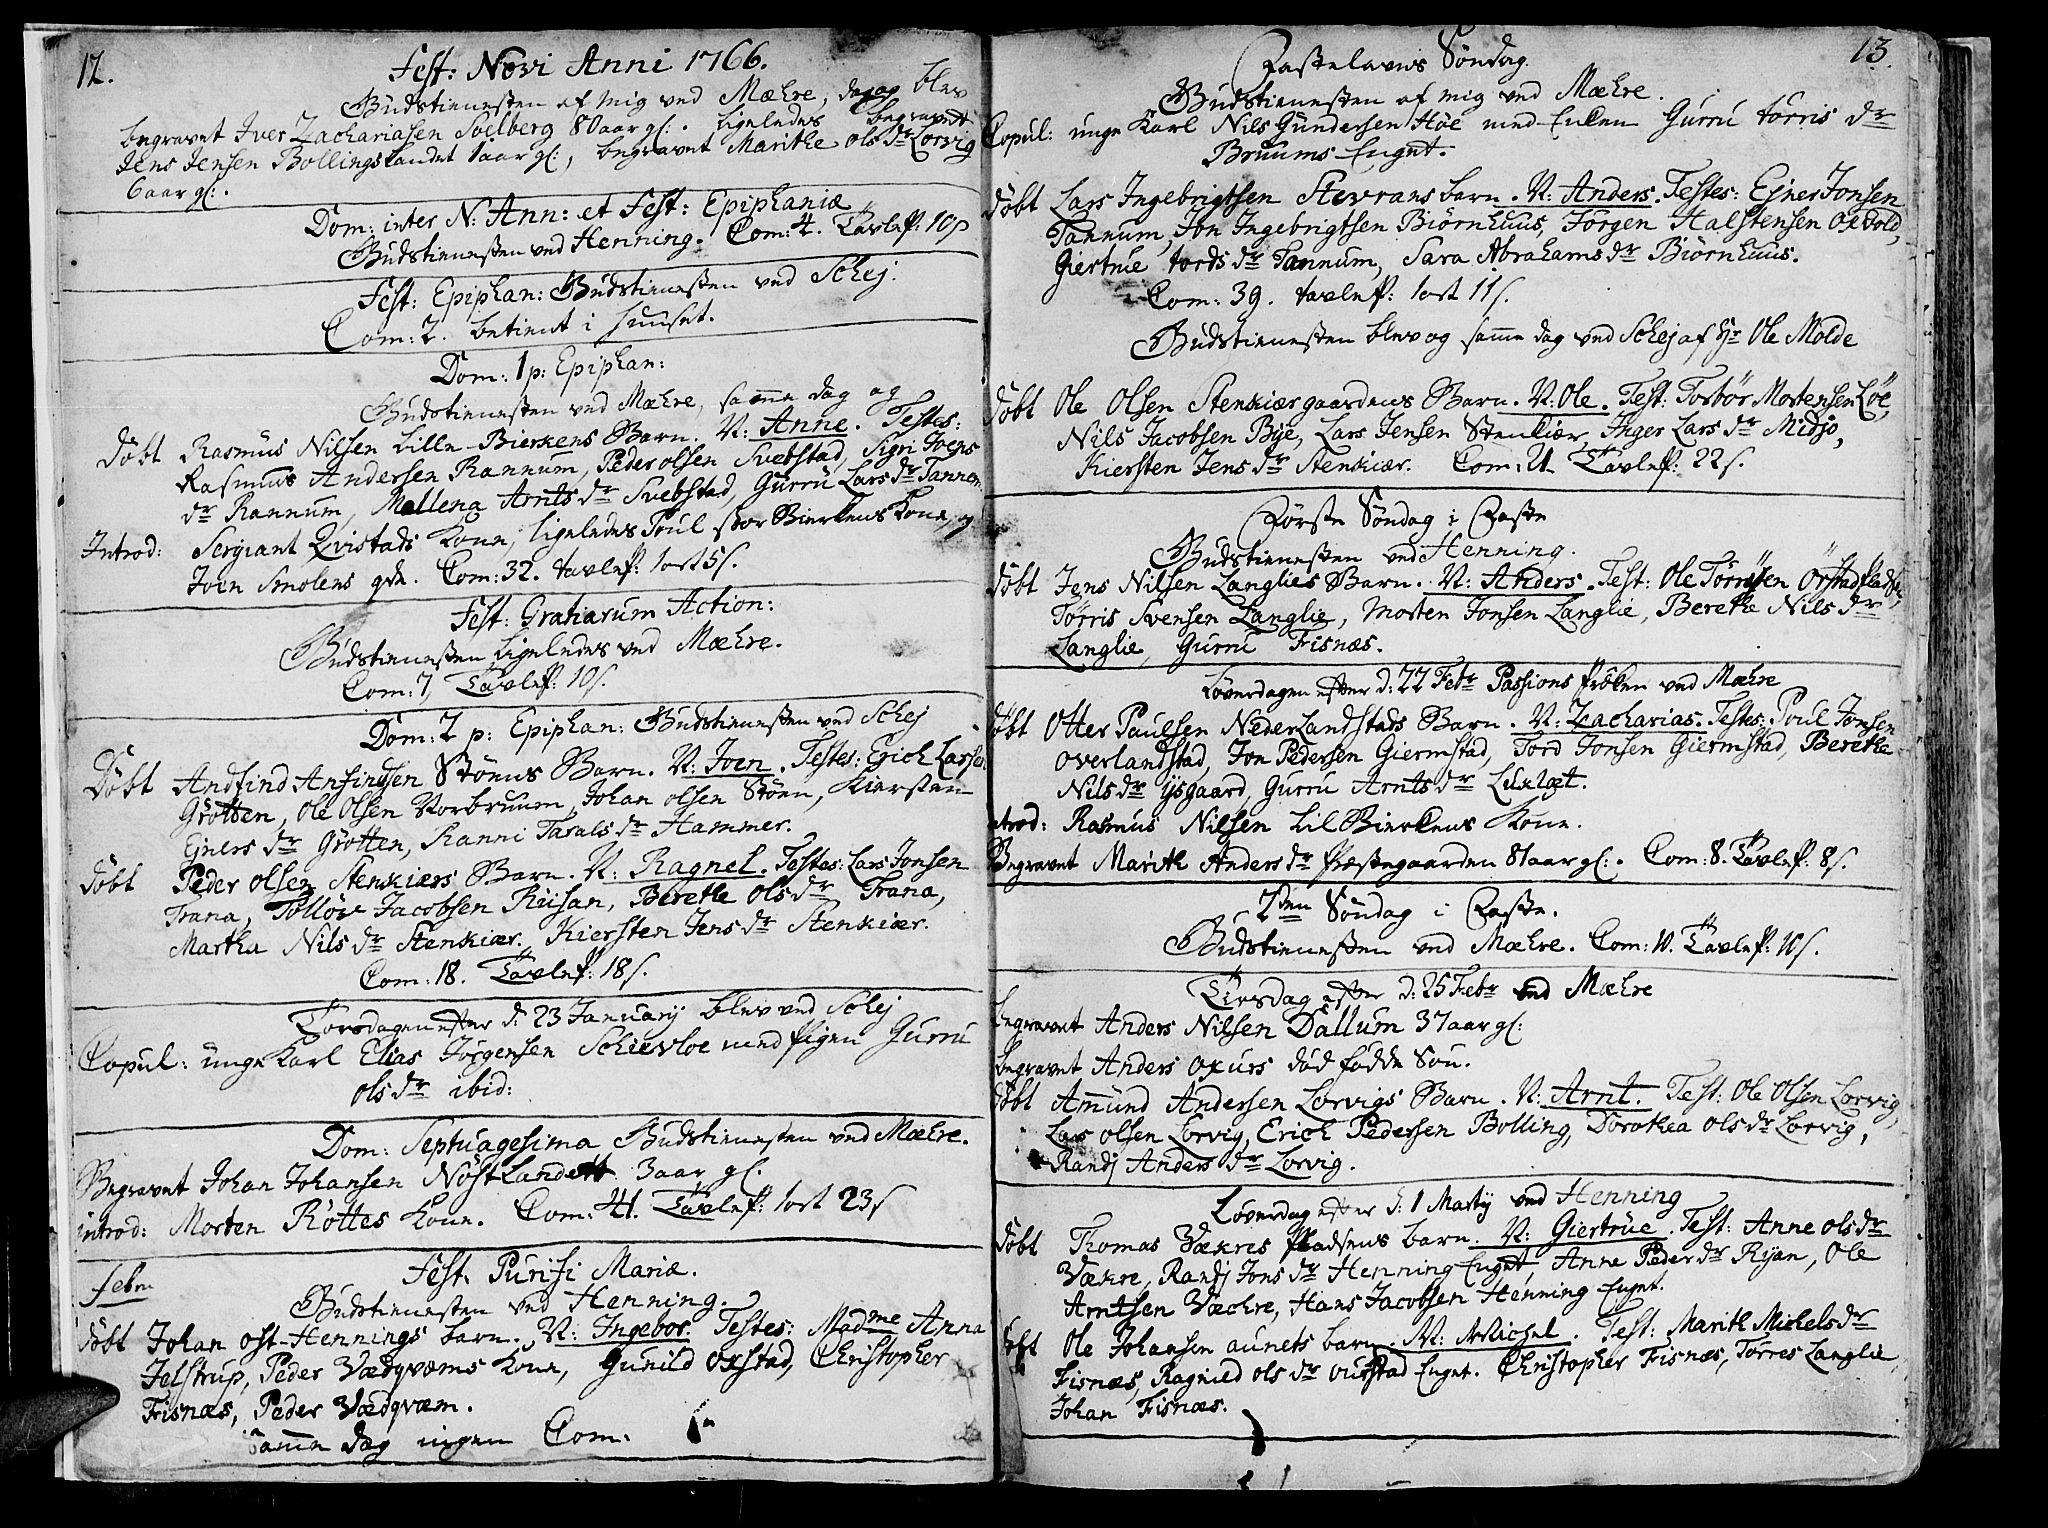 SAT, Ministerialprotokoller, klokkerbøker og fødselsregistre - Nord-Trøndelag, 735/L0331: Ministerialbok nr. 735A02, 1762-1794, s. 12-13